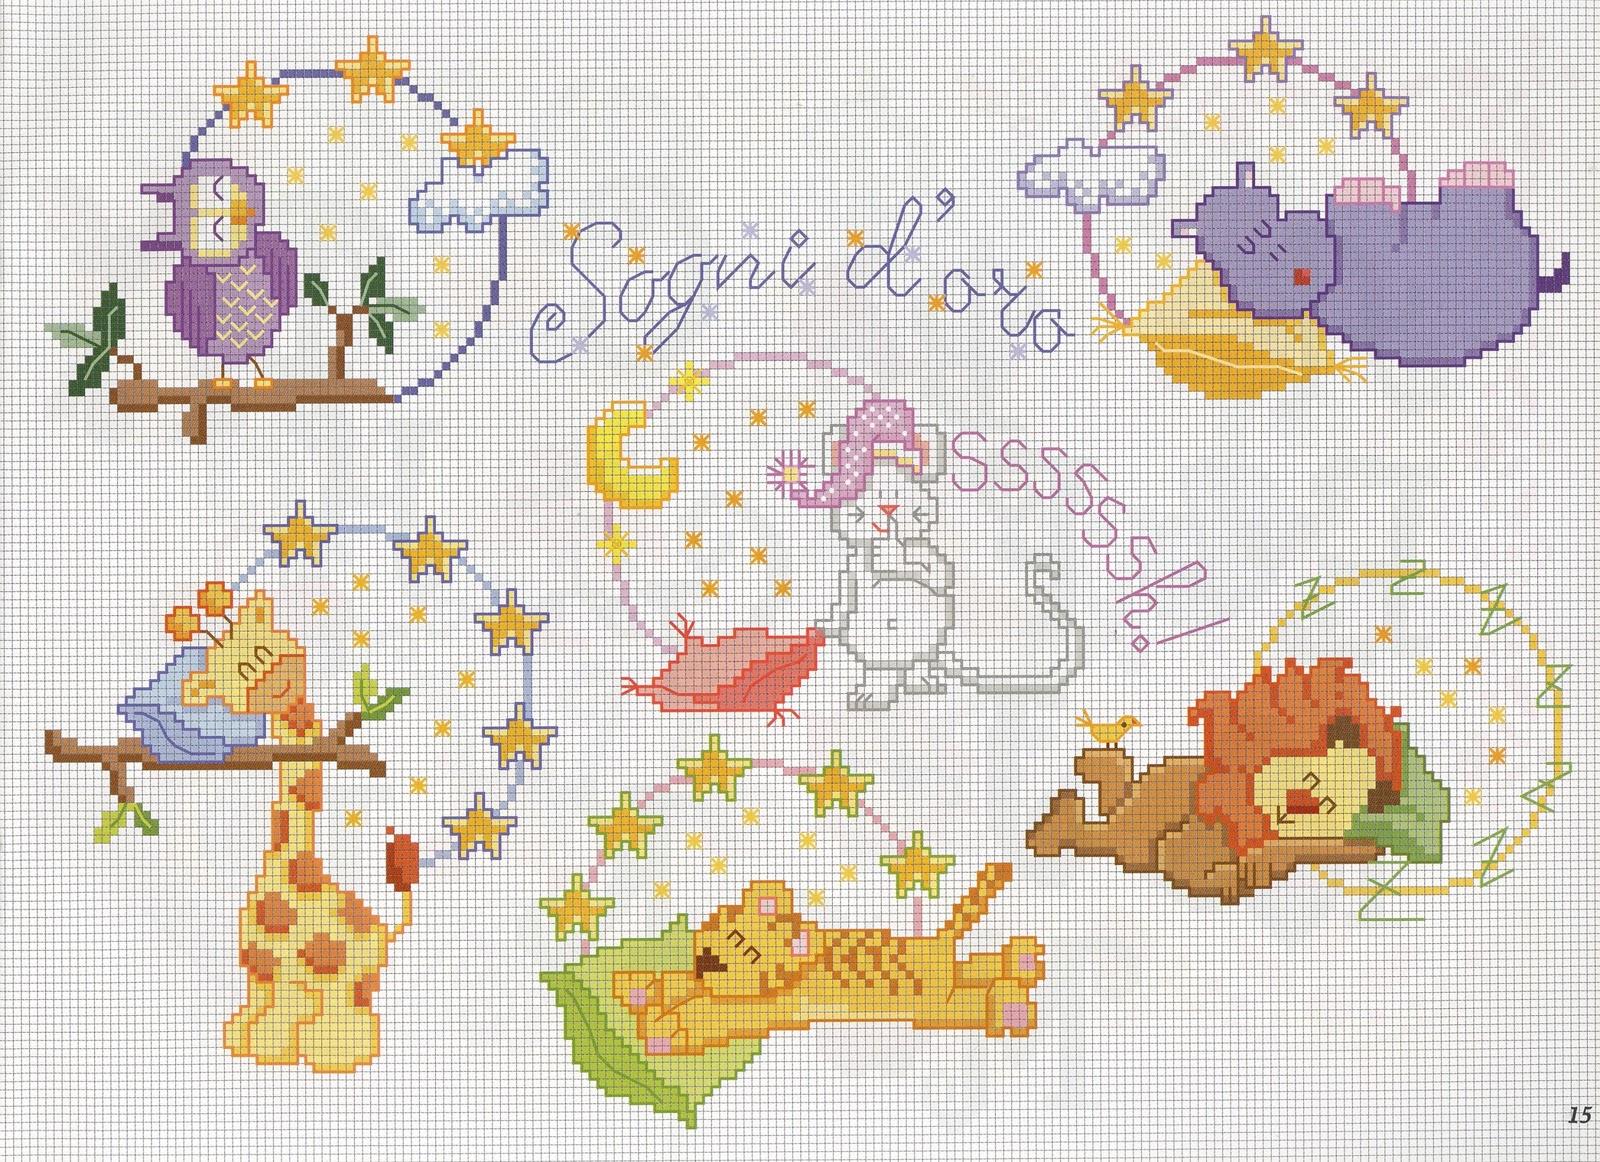 Sogniecoccole schemi gratis schemini mani di fata for Animali a punto croce per bambini